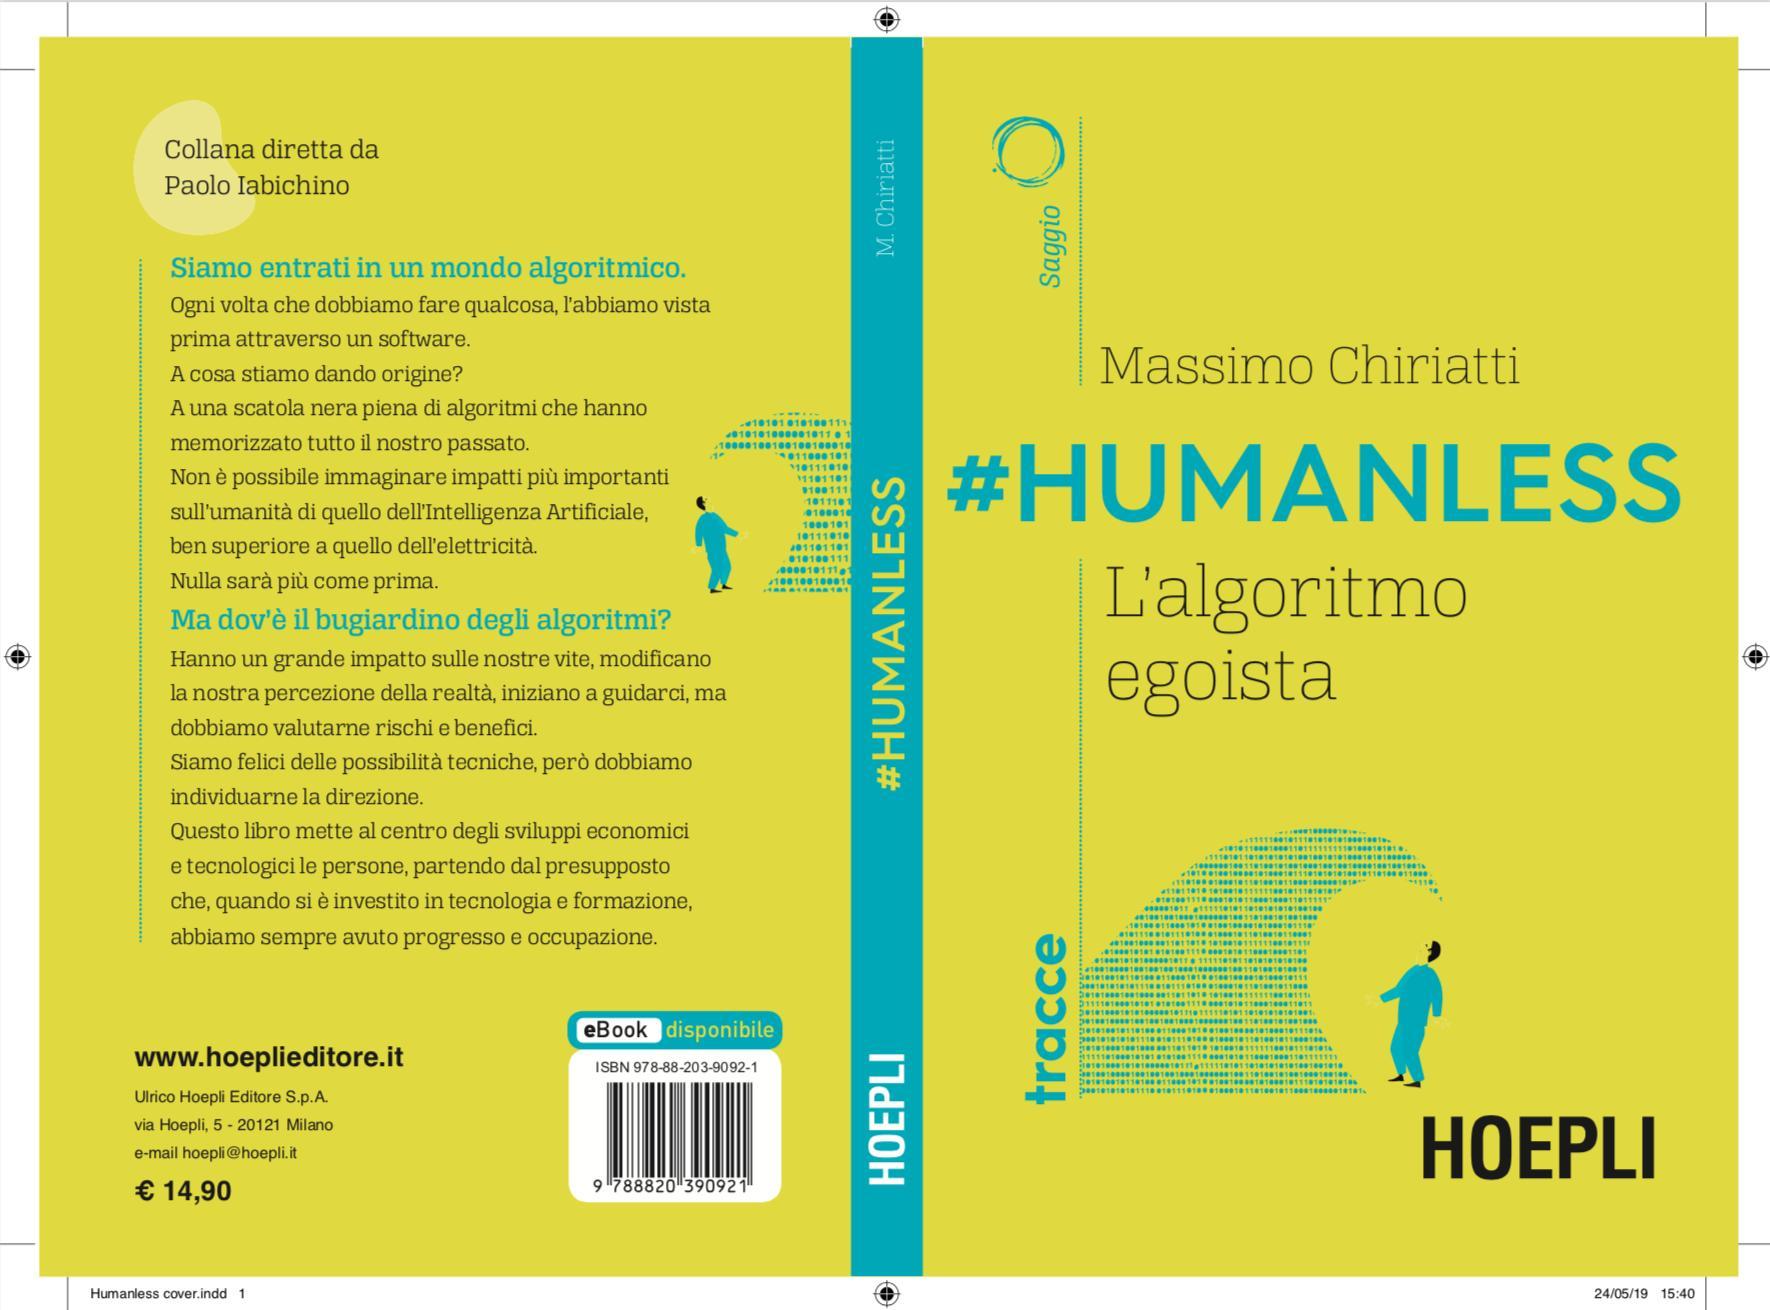 Humanless, di Massimo Chiriatti